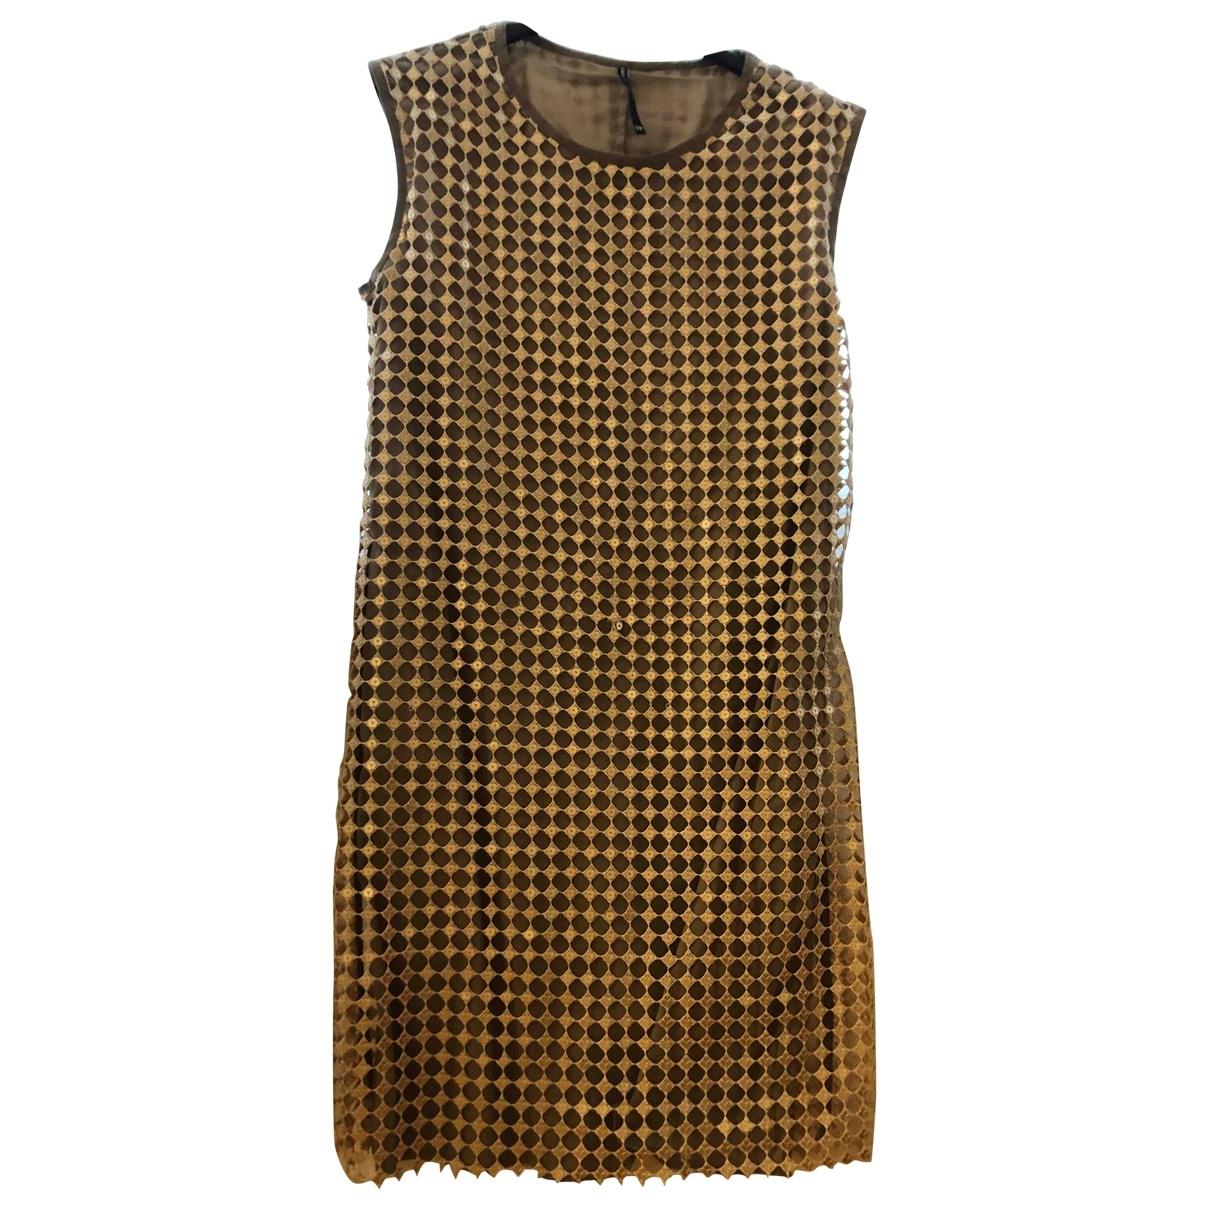 Liviana Conti \N Gold dress for Women 40 IT